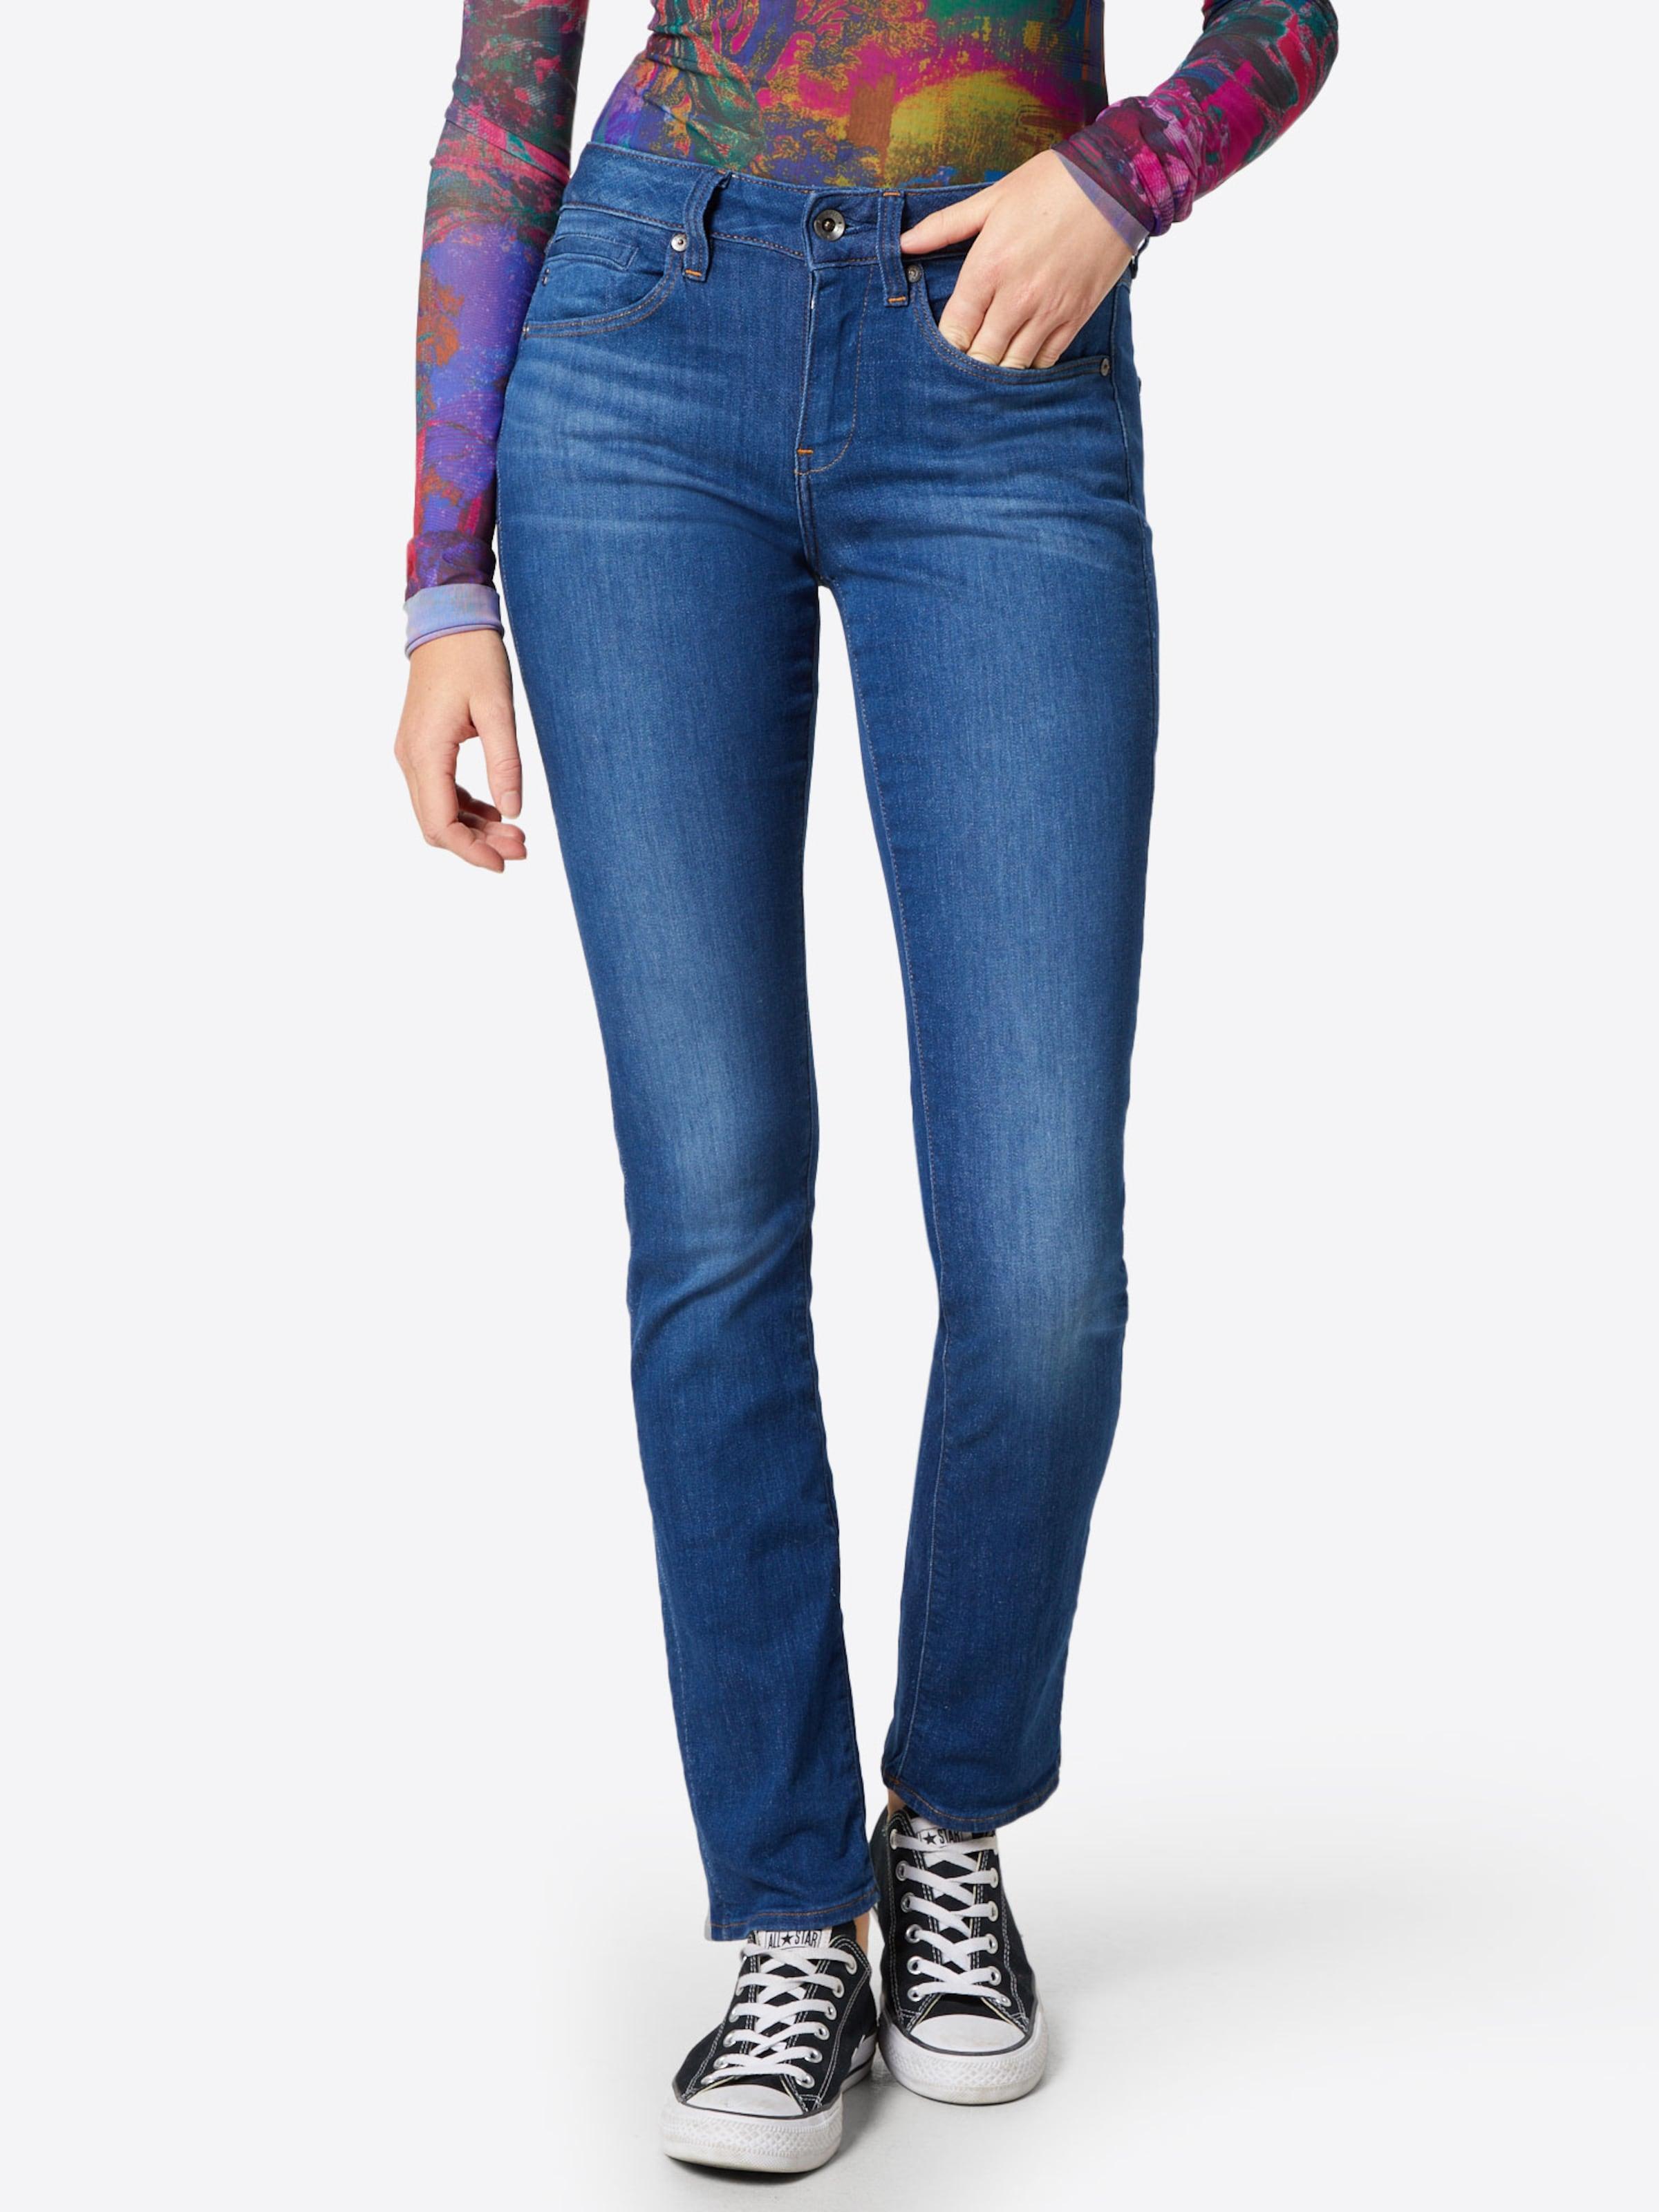 Jeans In Blue Denim G star Raw b6gvYfmI7y